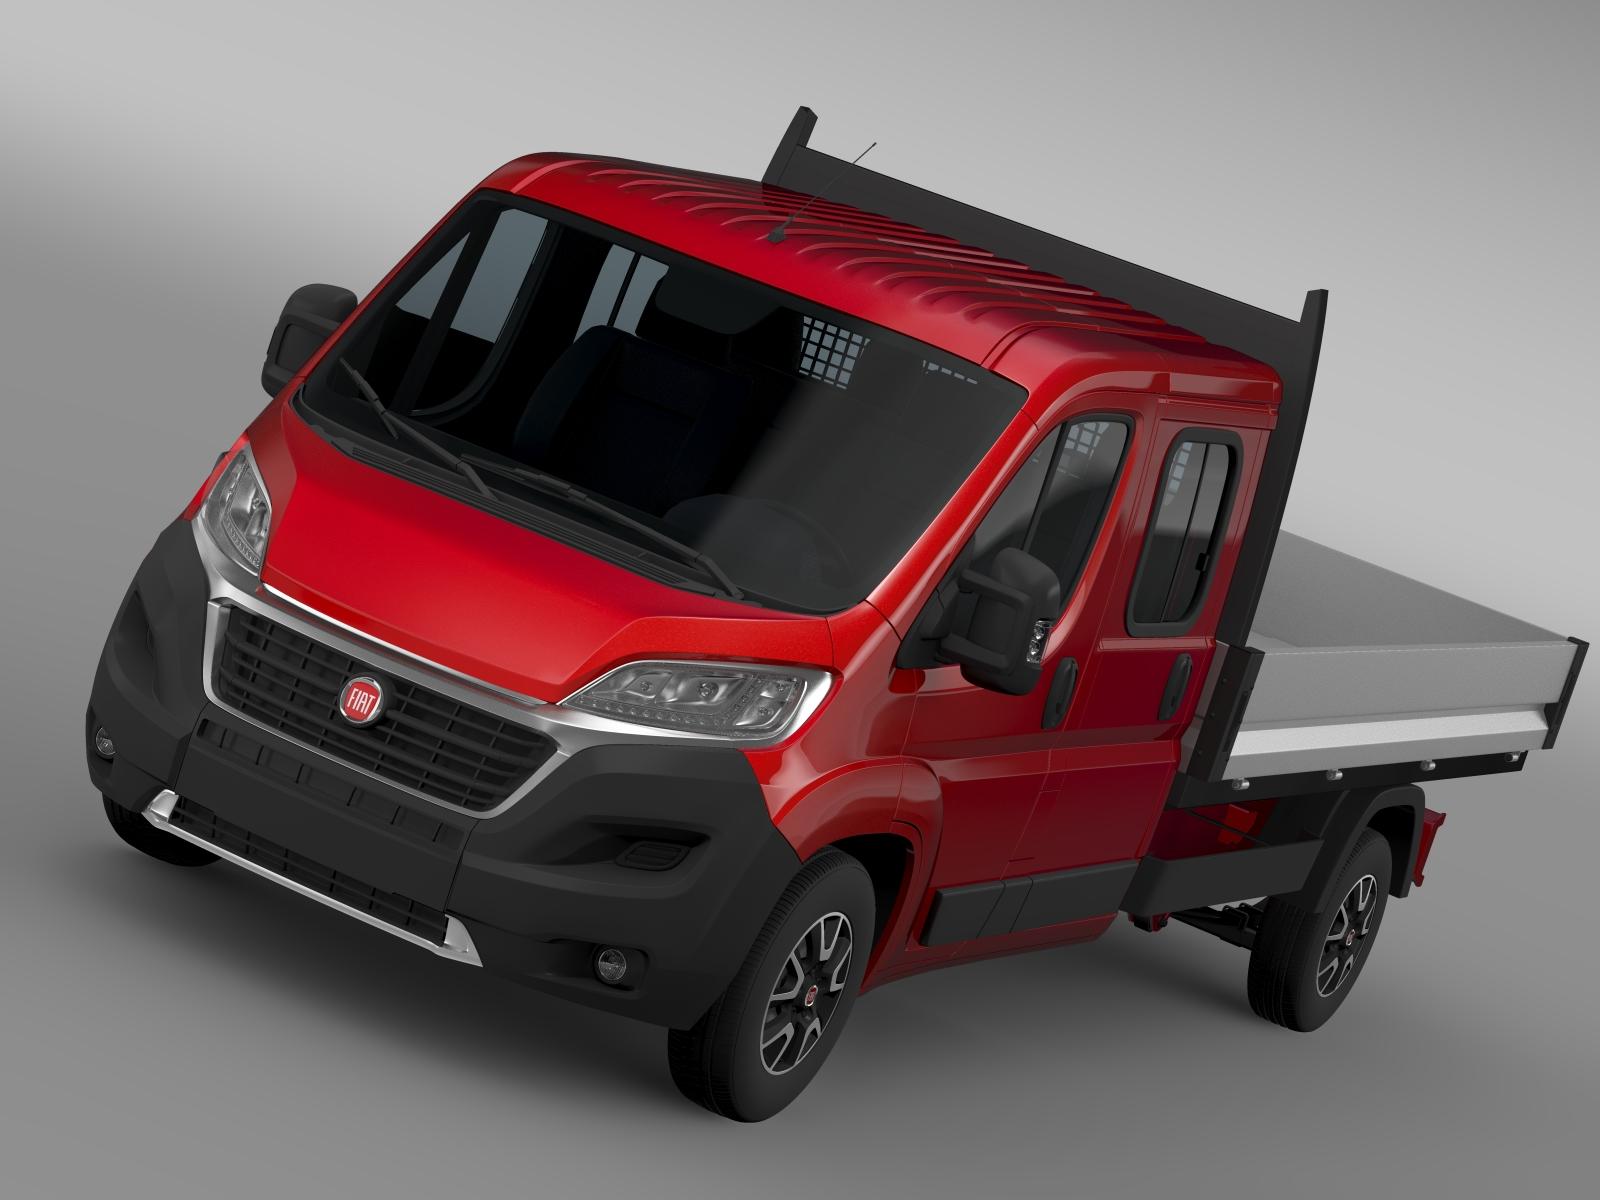 fiat ducato apkalpes kabīnes kravas automašīna 2016 3d modelis 3ds maks.